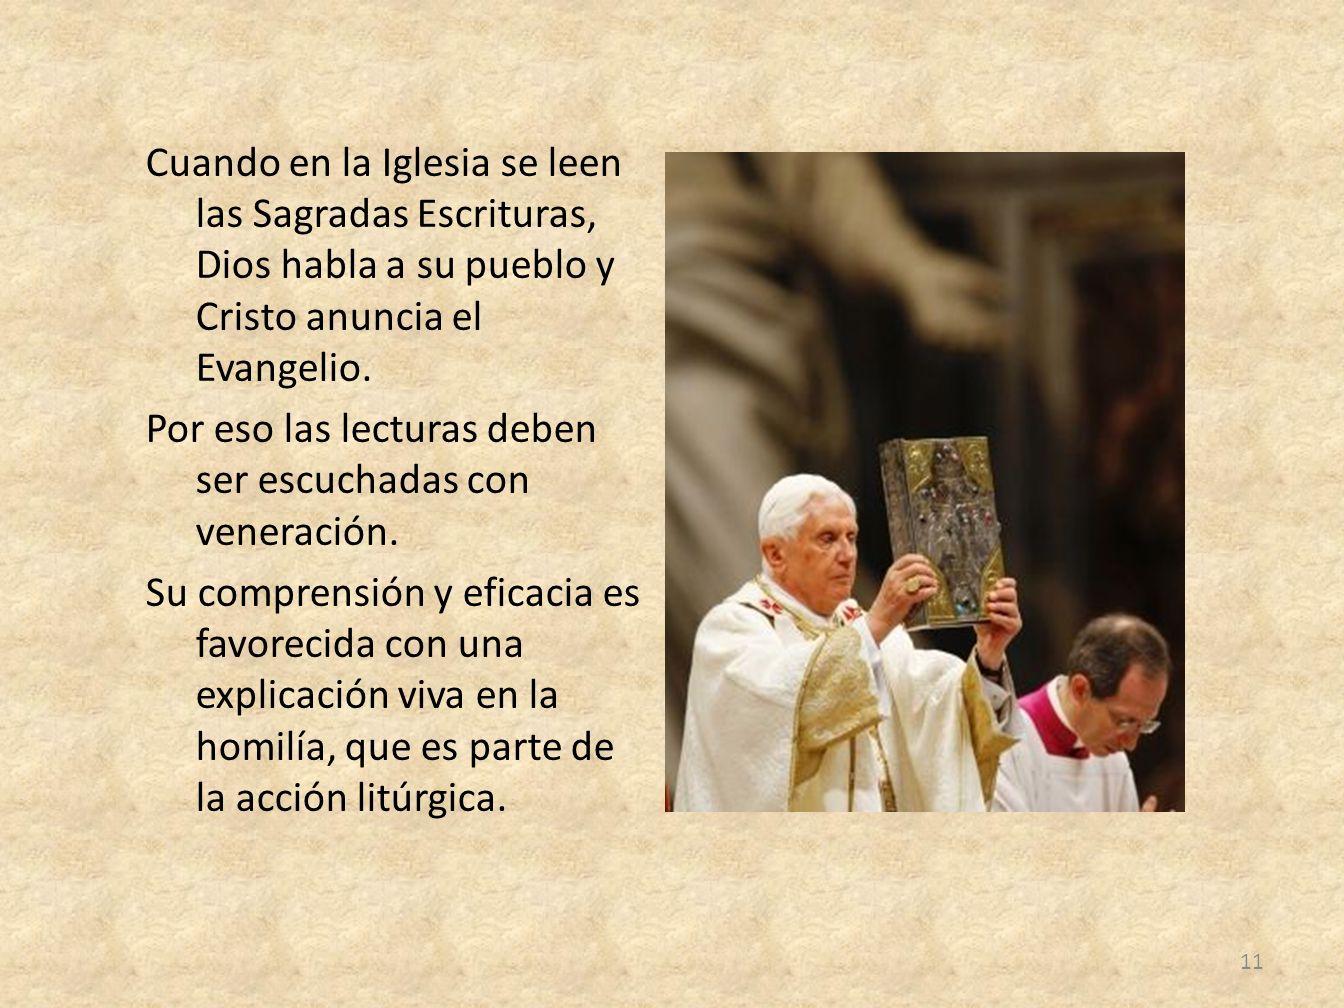 Cuando en la Iglesia se leen las Sagradas Escrituras, Dios habla a su pueblo y Cristo anuncia el Evangelio. Por eso las lecturas deben ser escuchadas